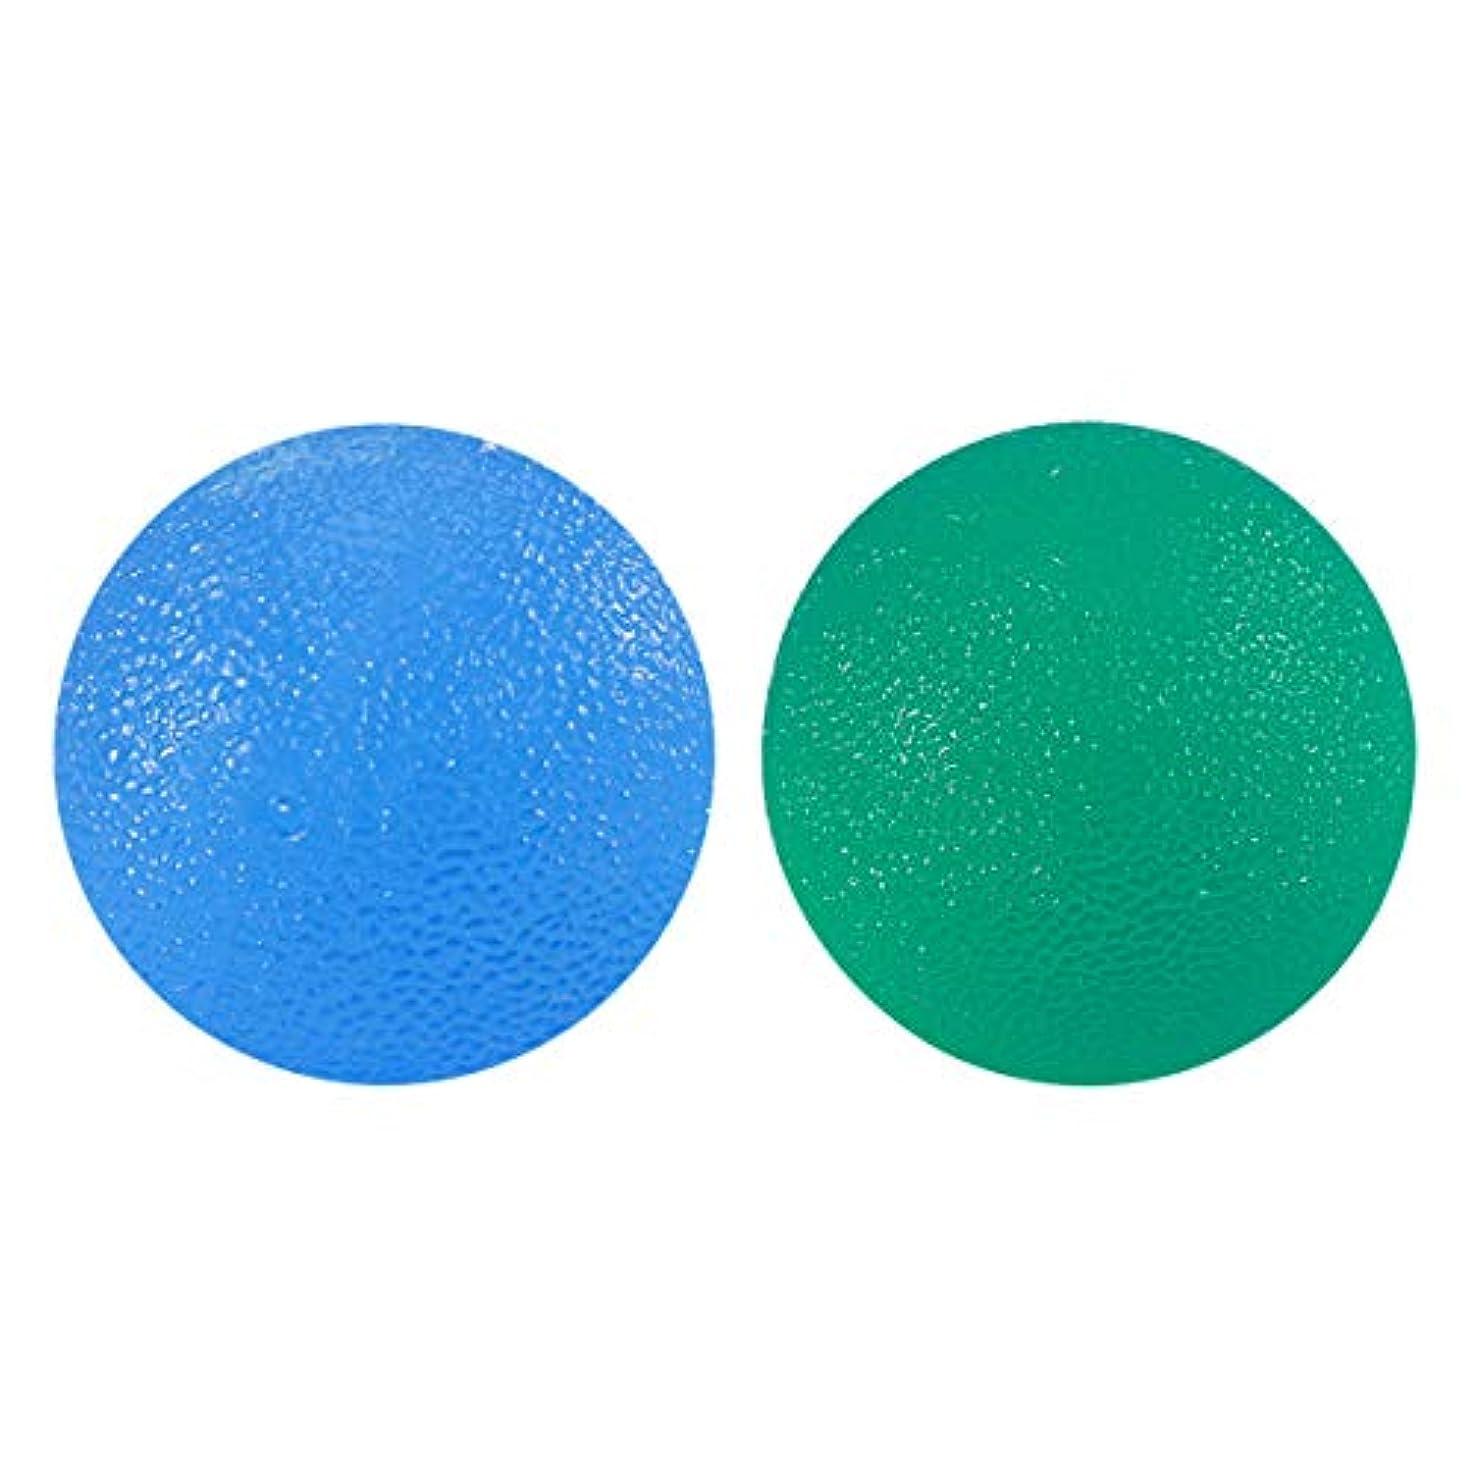 ブランデー想像力豊かなほとんどないHEALIFTY 2本の中国の健康運動マッサージボールのストレスは、手の運動(緑と青)